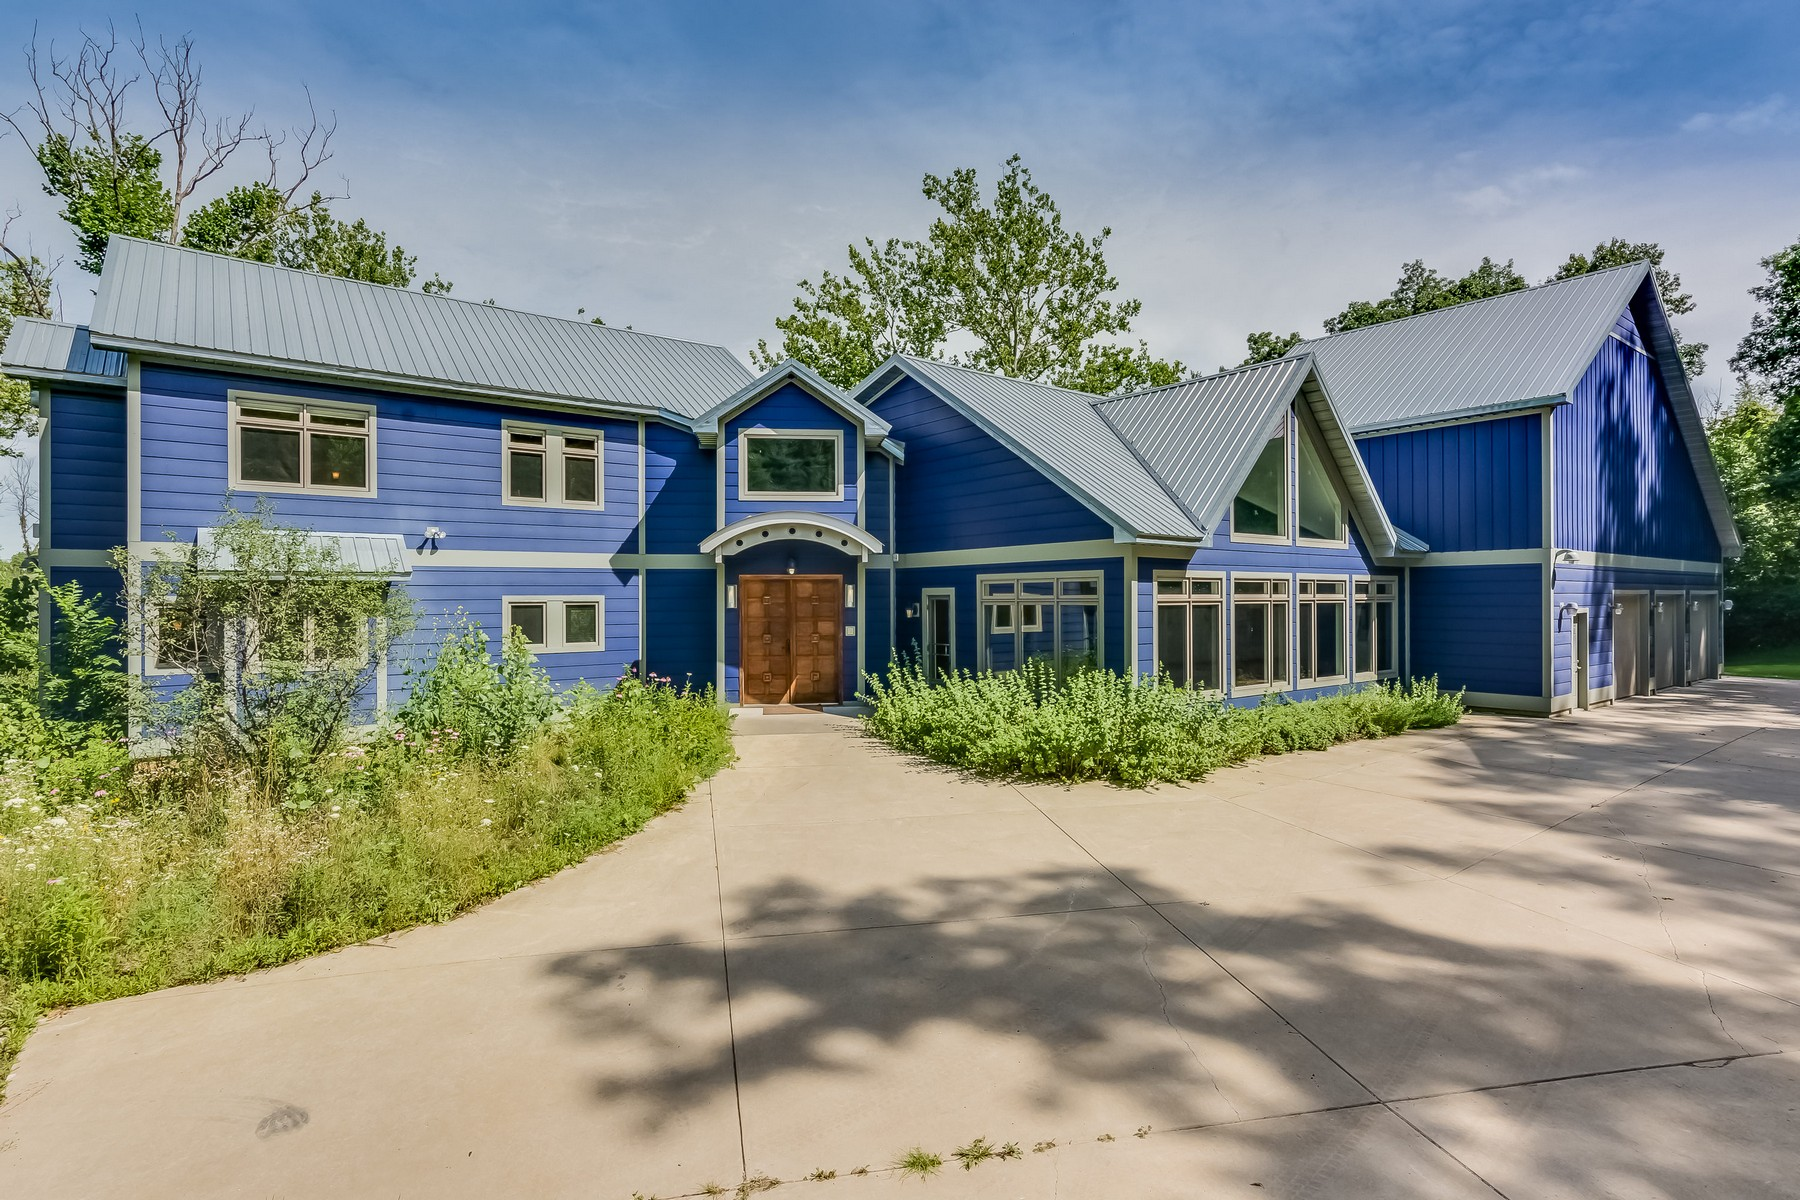 단독 가정 주택 용 매매 에 Unique Custom Contemporary 10630 Garr Road Berrien Springs, 미시건, 49103 미국